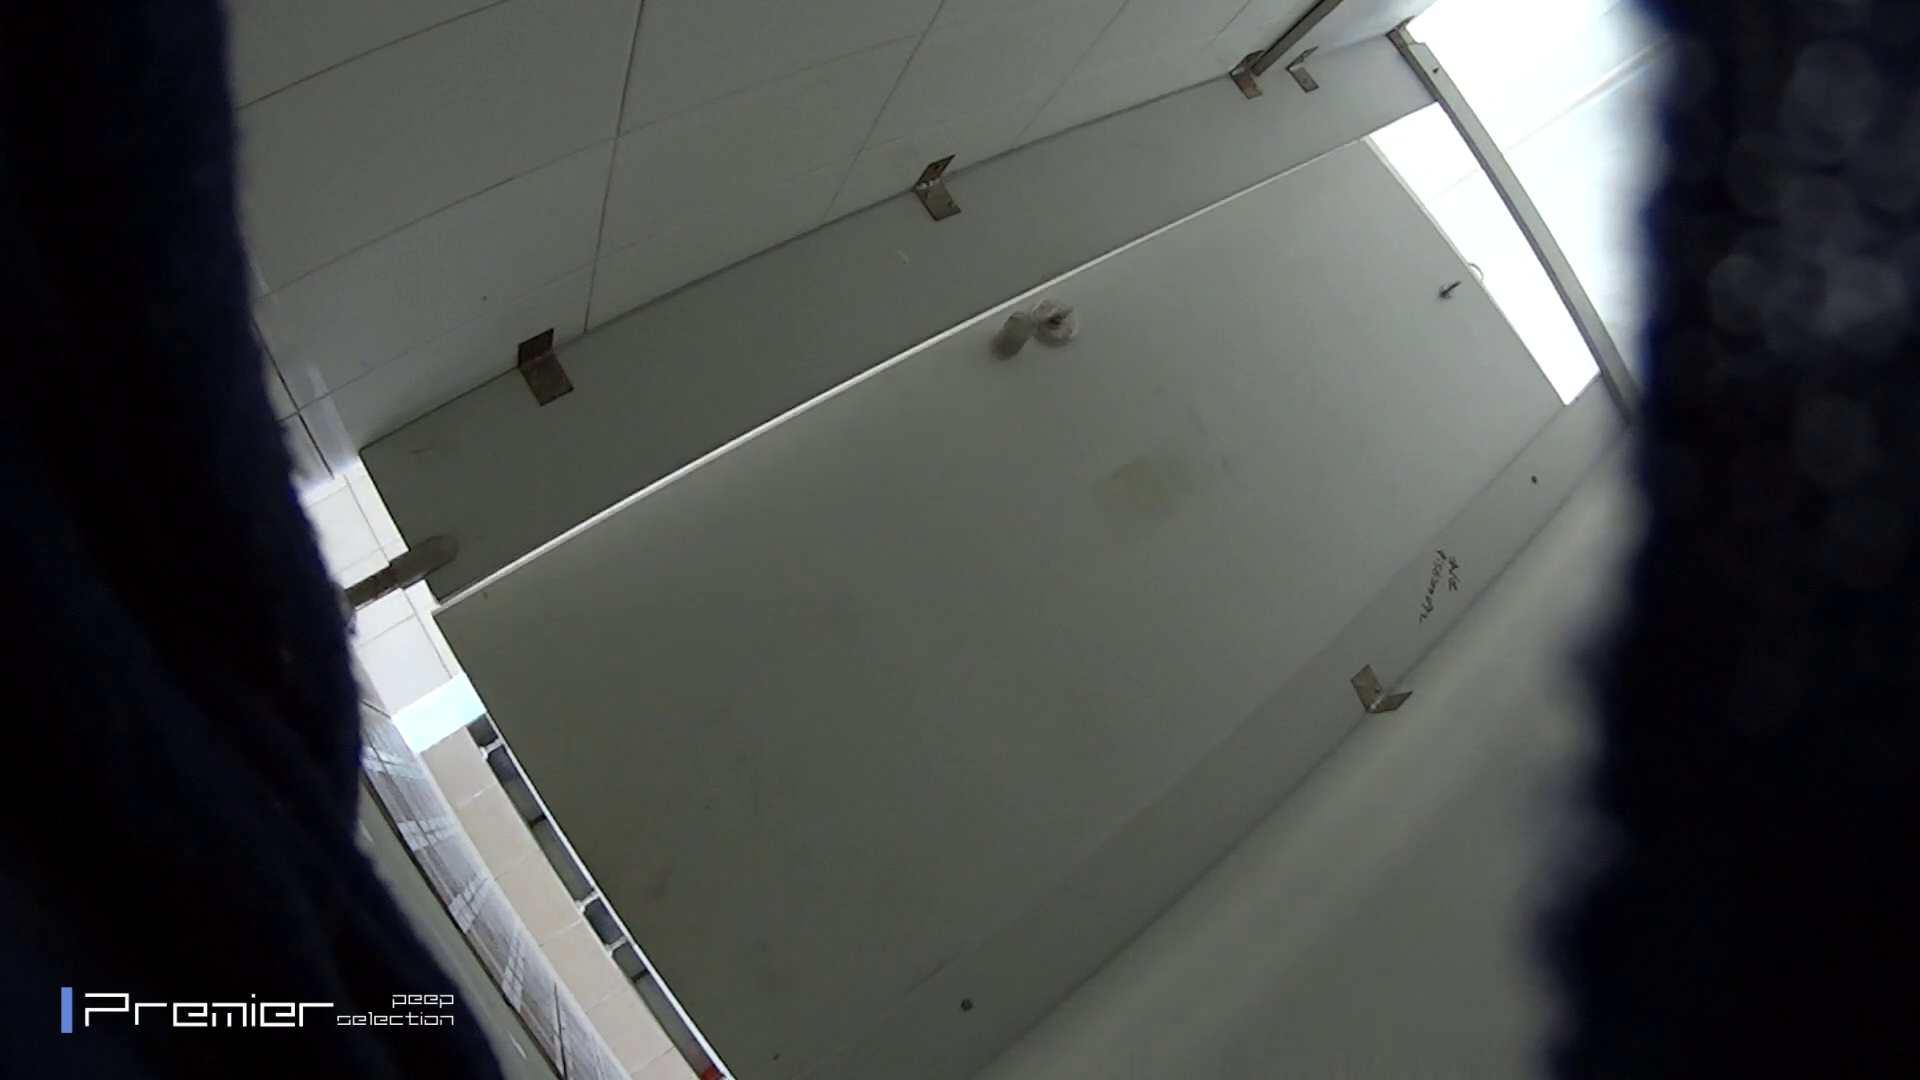 うんこがとても綺麗に出ています!有名大学休憩時間の洗面所事情05 エロい美女 ワレメ動画紹介 42枚